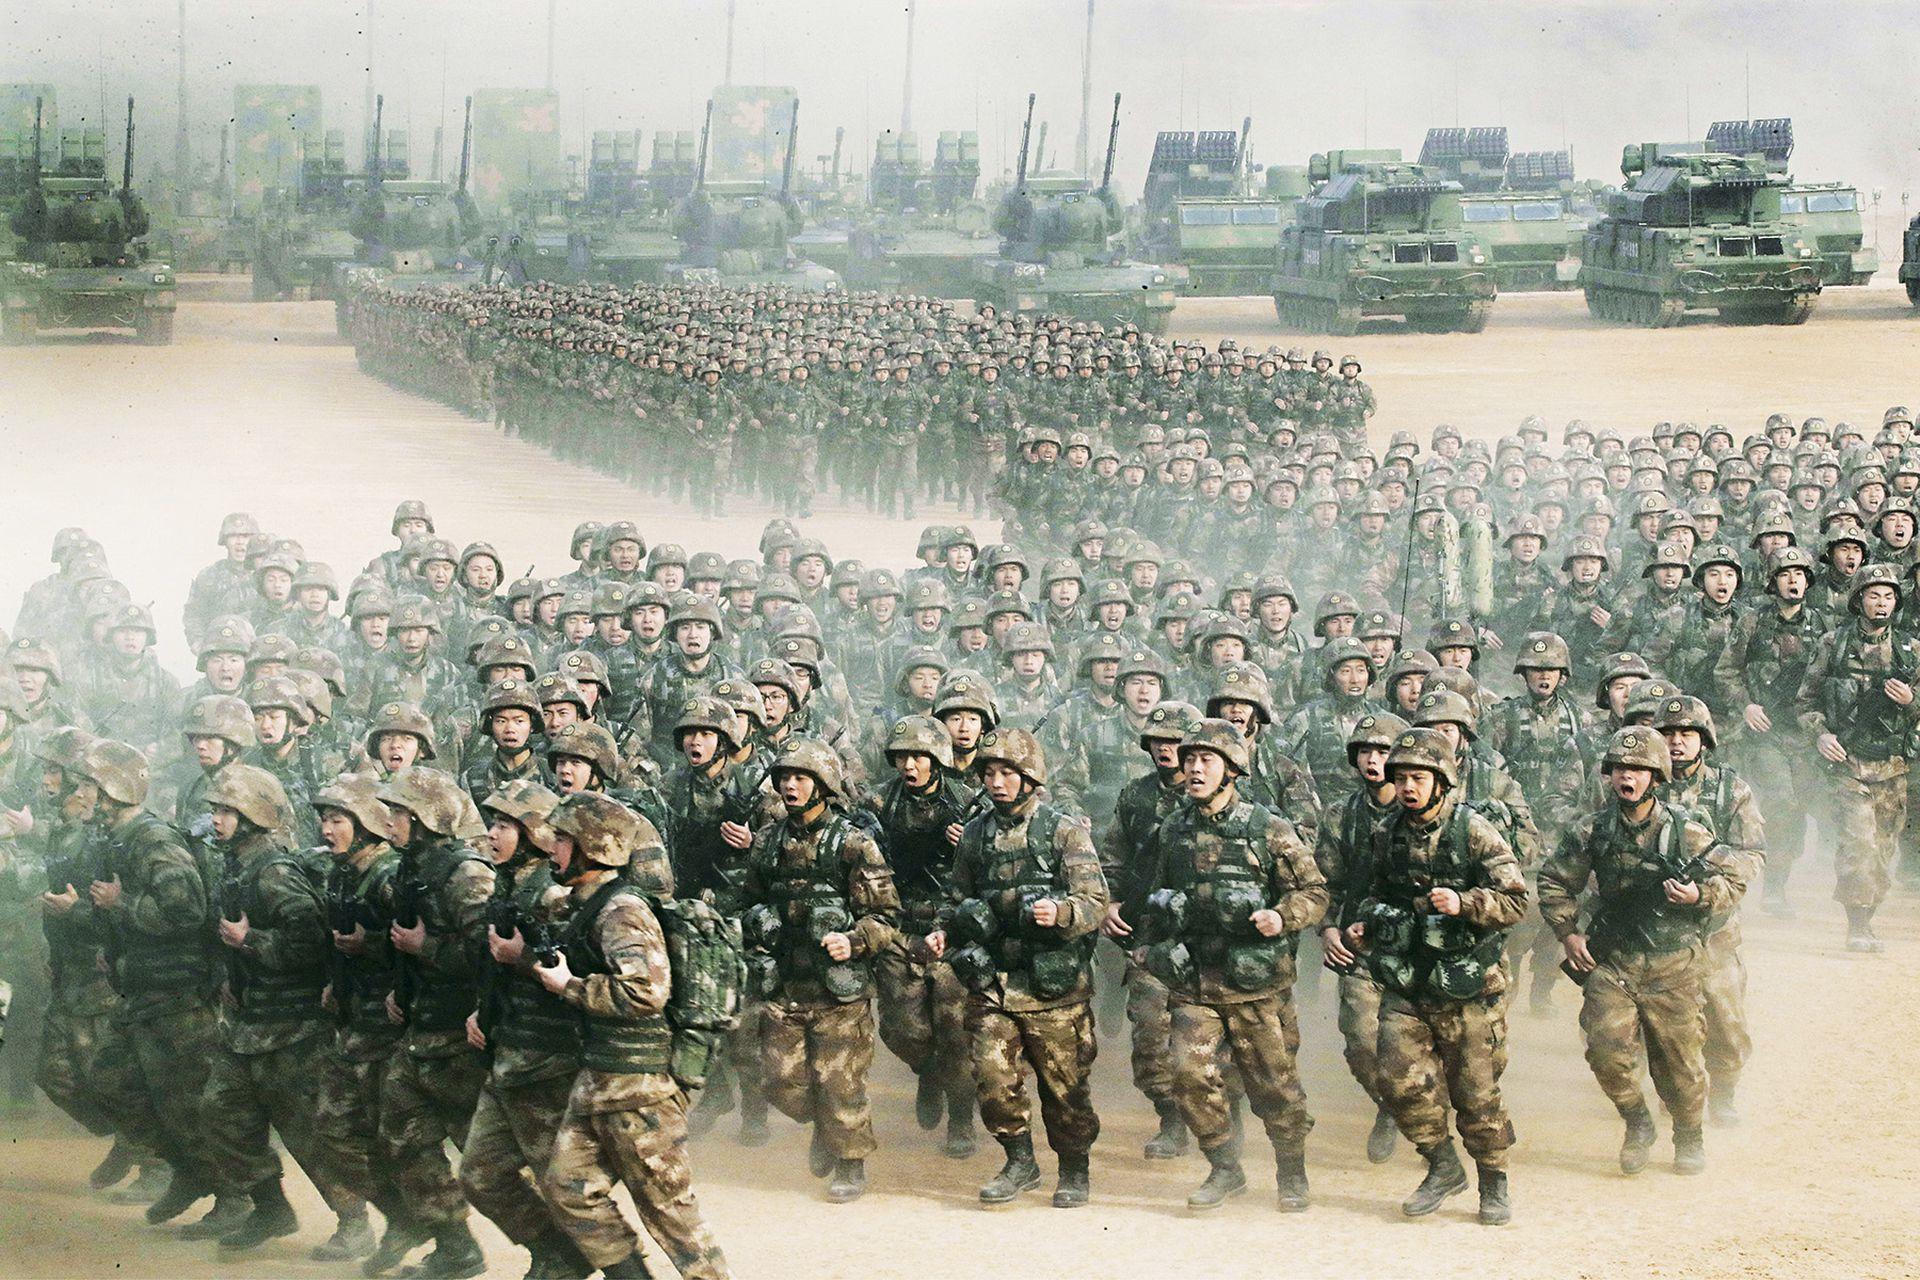 兰德智库劝告白宫:中国大陆统一台湾时不要插手